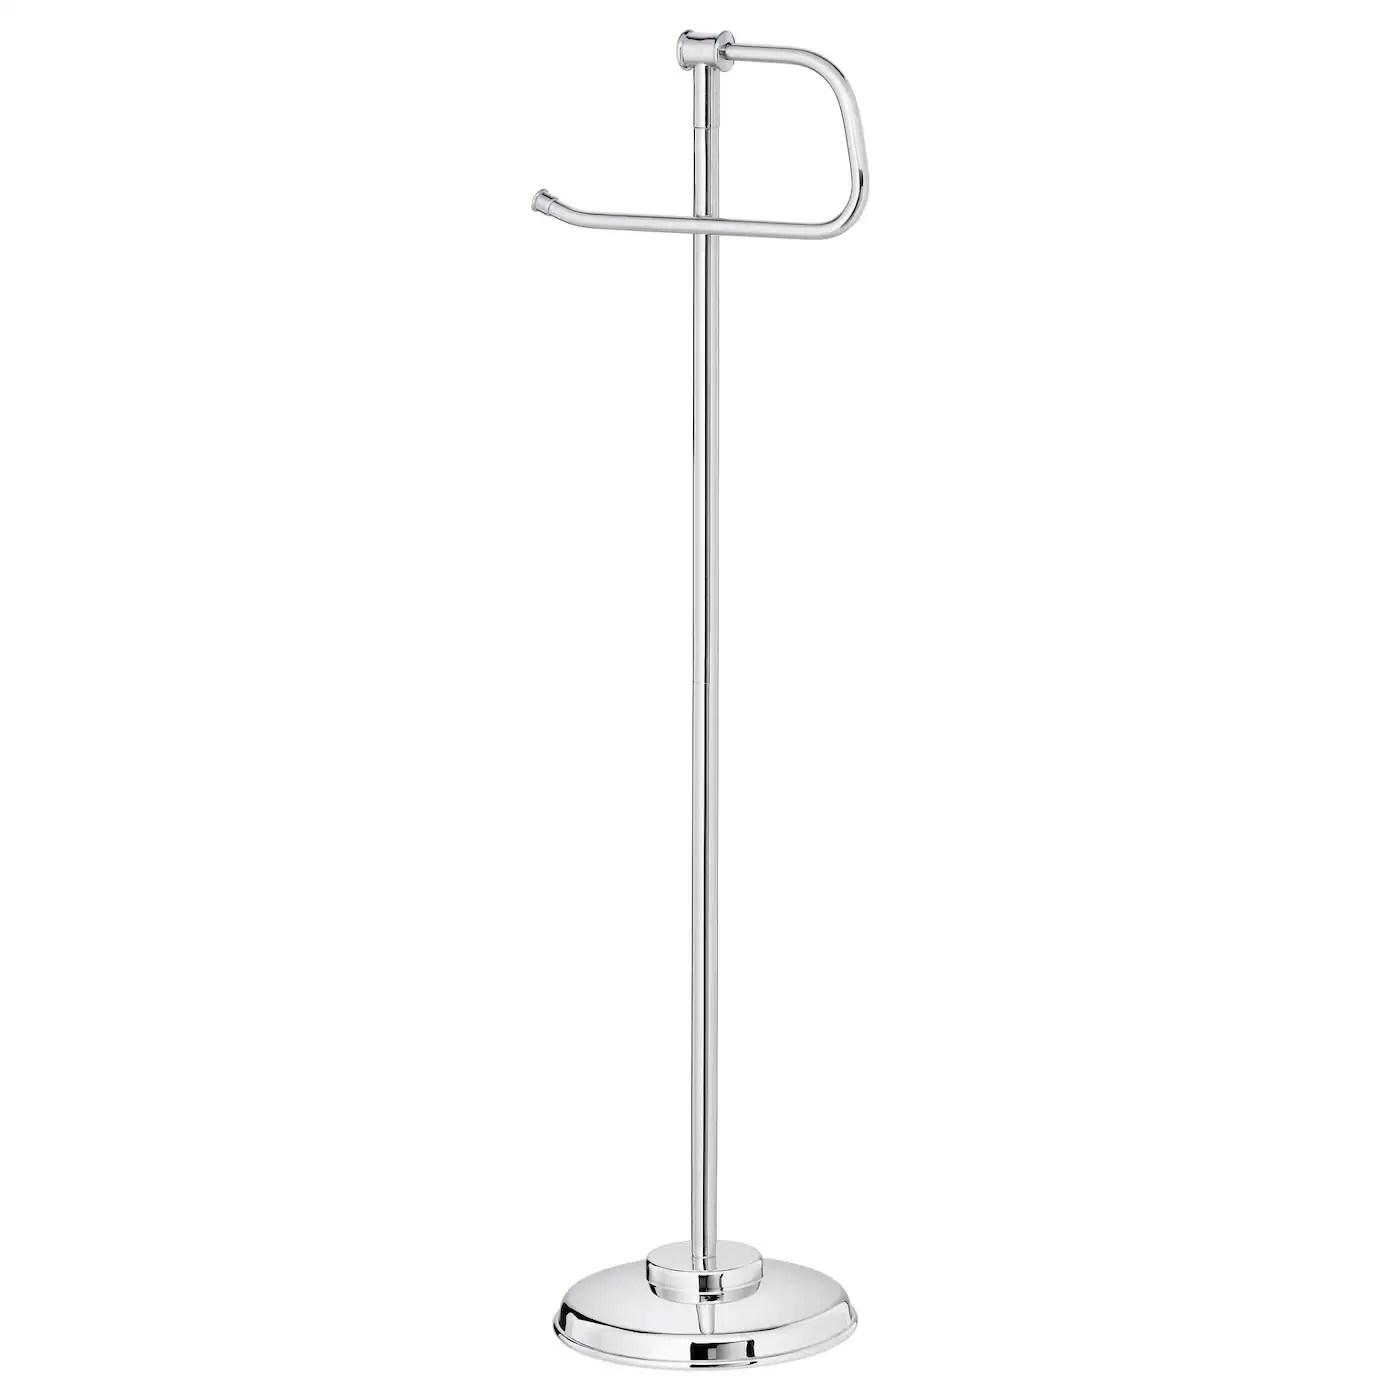 Balungen Porte Rouleau Papier Hygienique Chrome Site Web Officiel Ikea